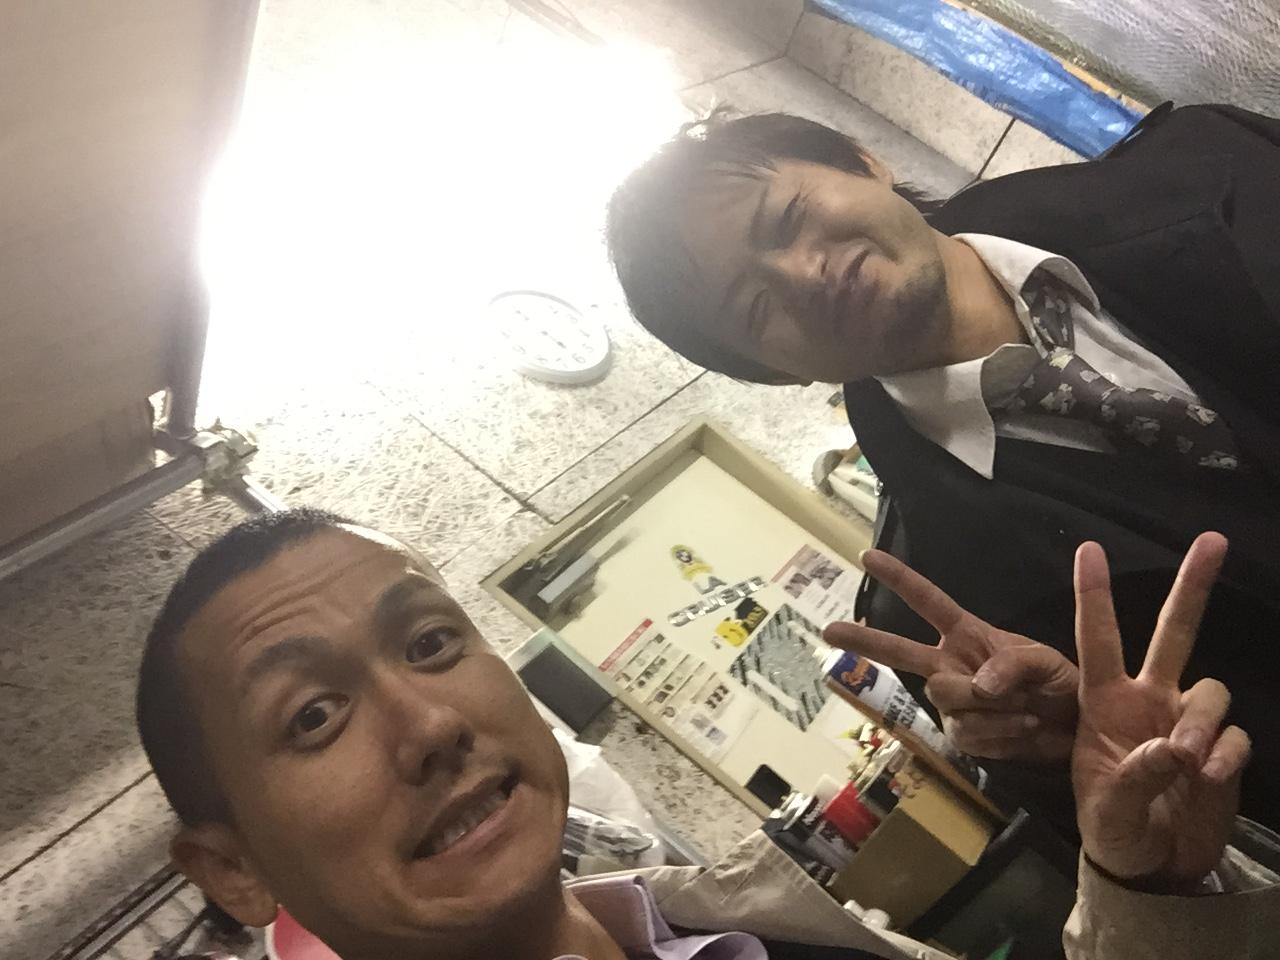 3月15日 日曜日 今日も店長のニコニコブログ!!_b0127002_2050135.jpg